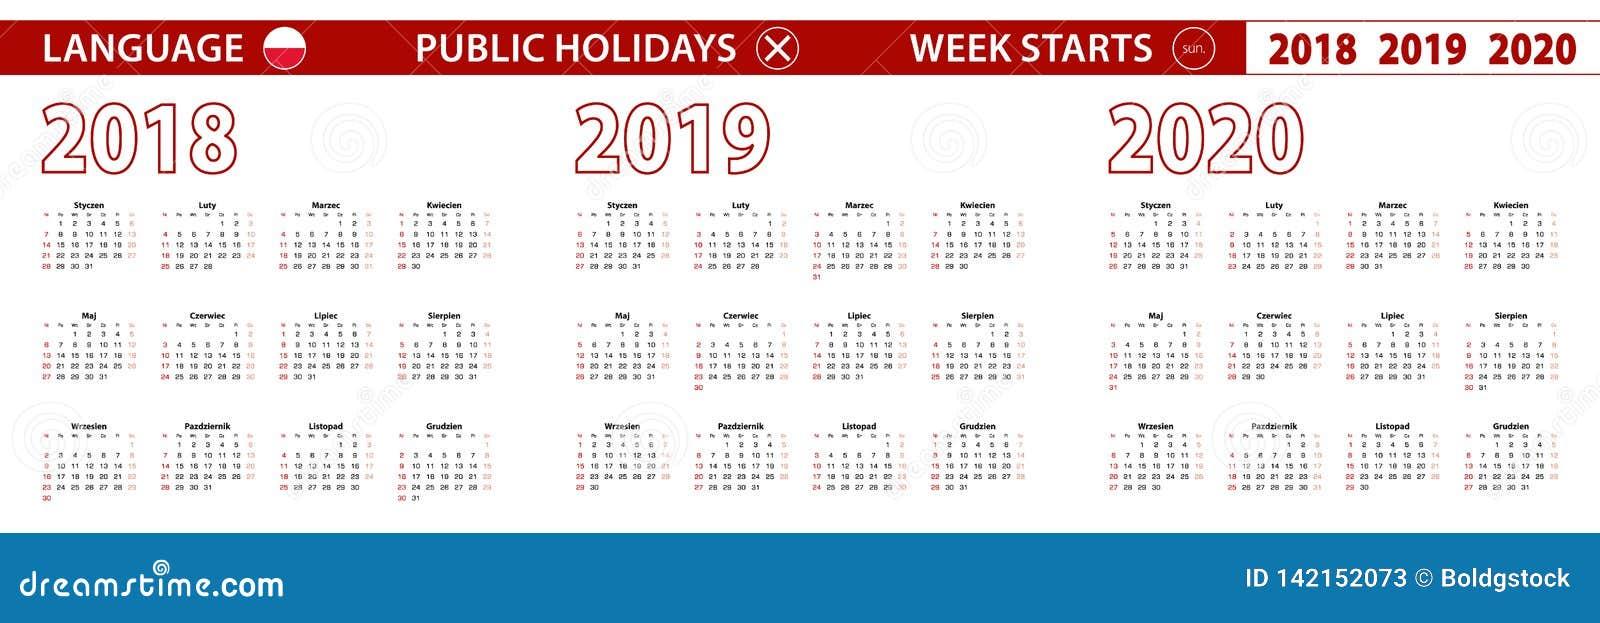 Semaine 2019 Calendrier.2018 2019 Calendrier De Vecteur De 2020 Ans Dans La Langue